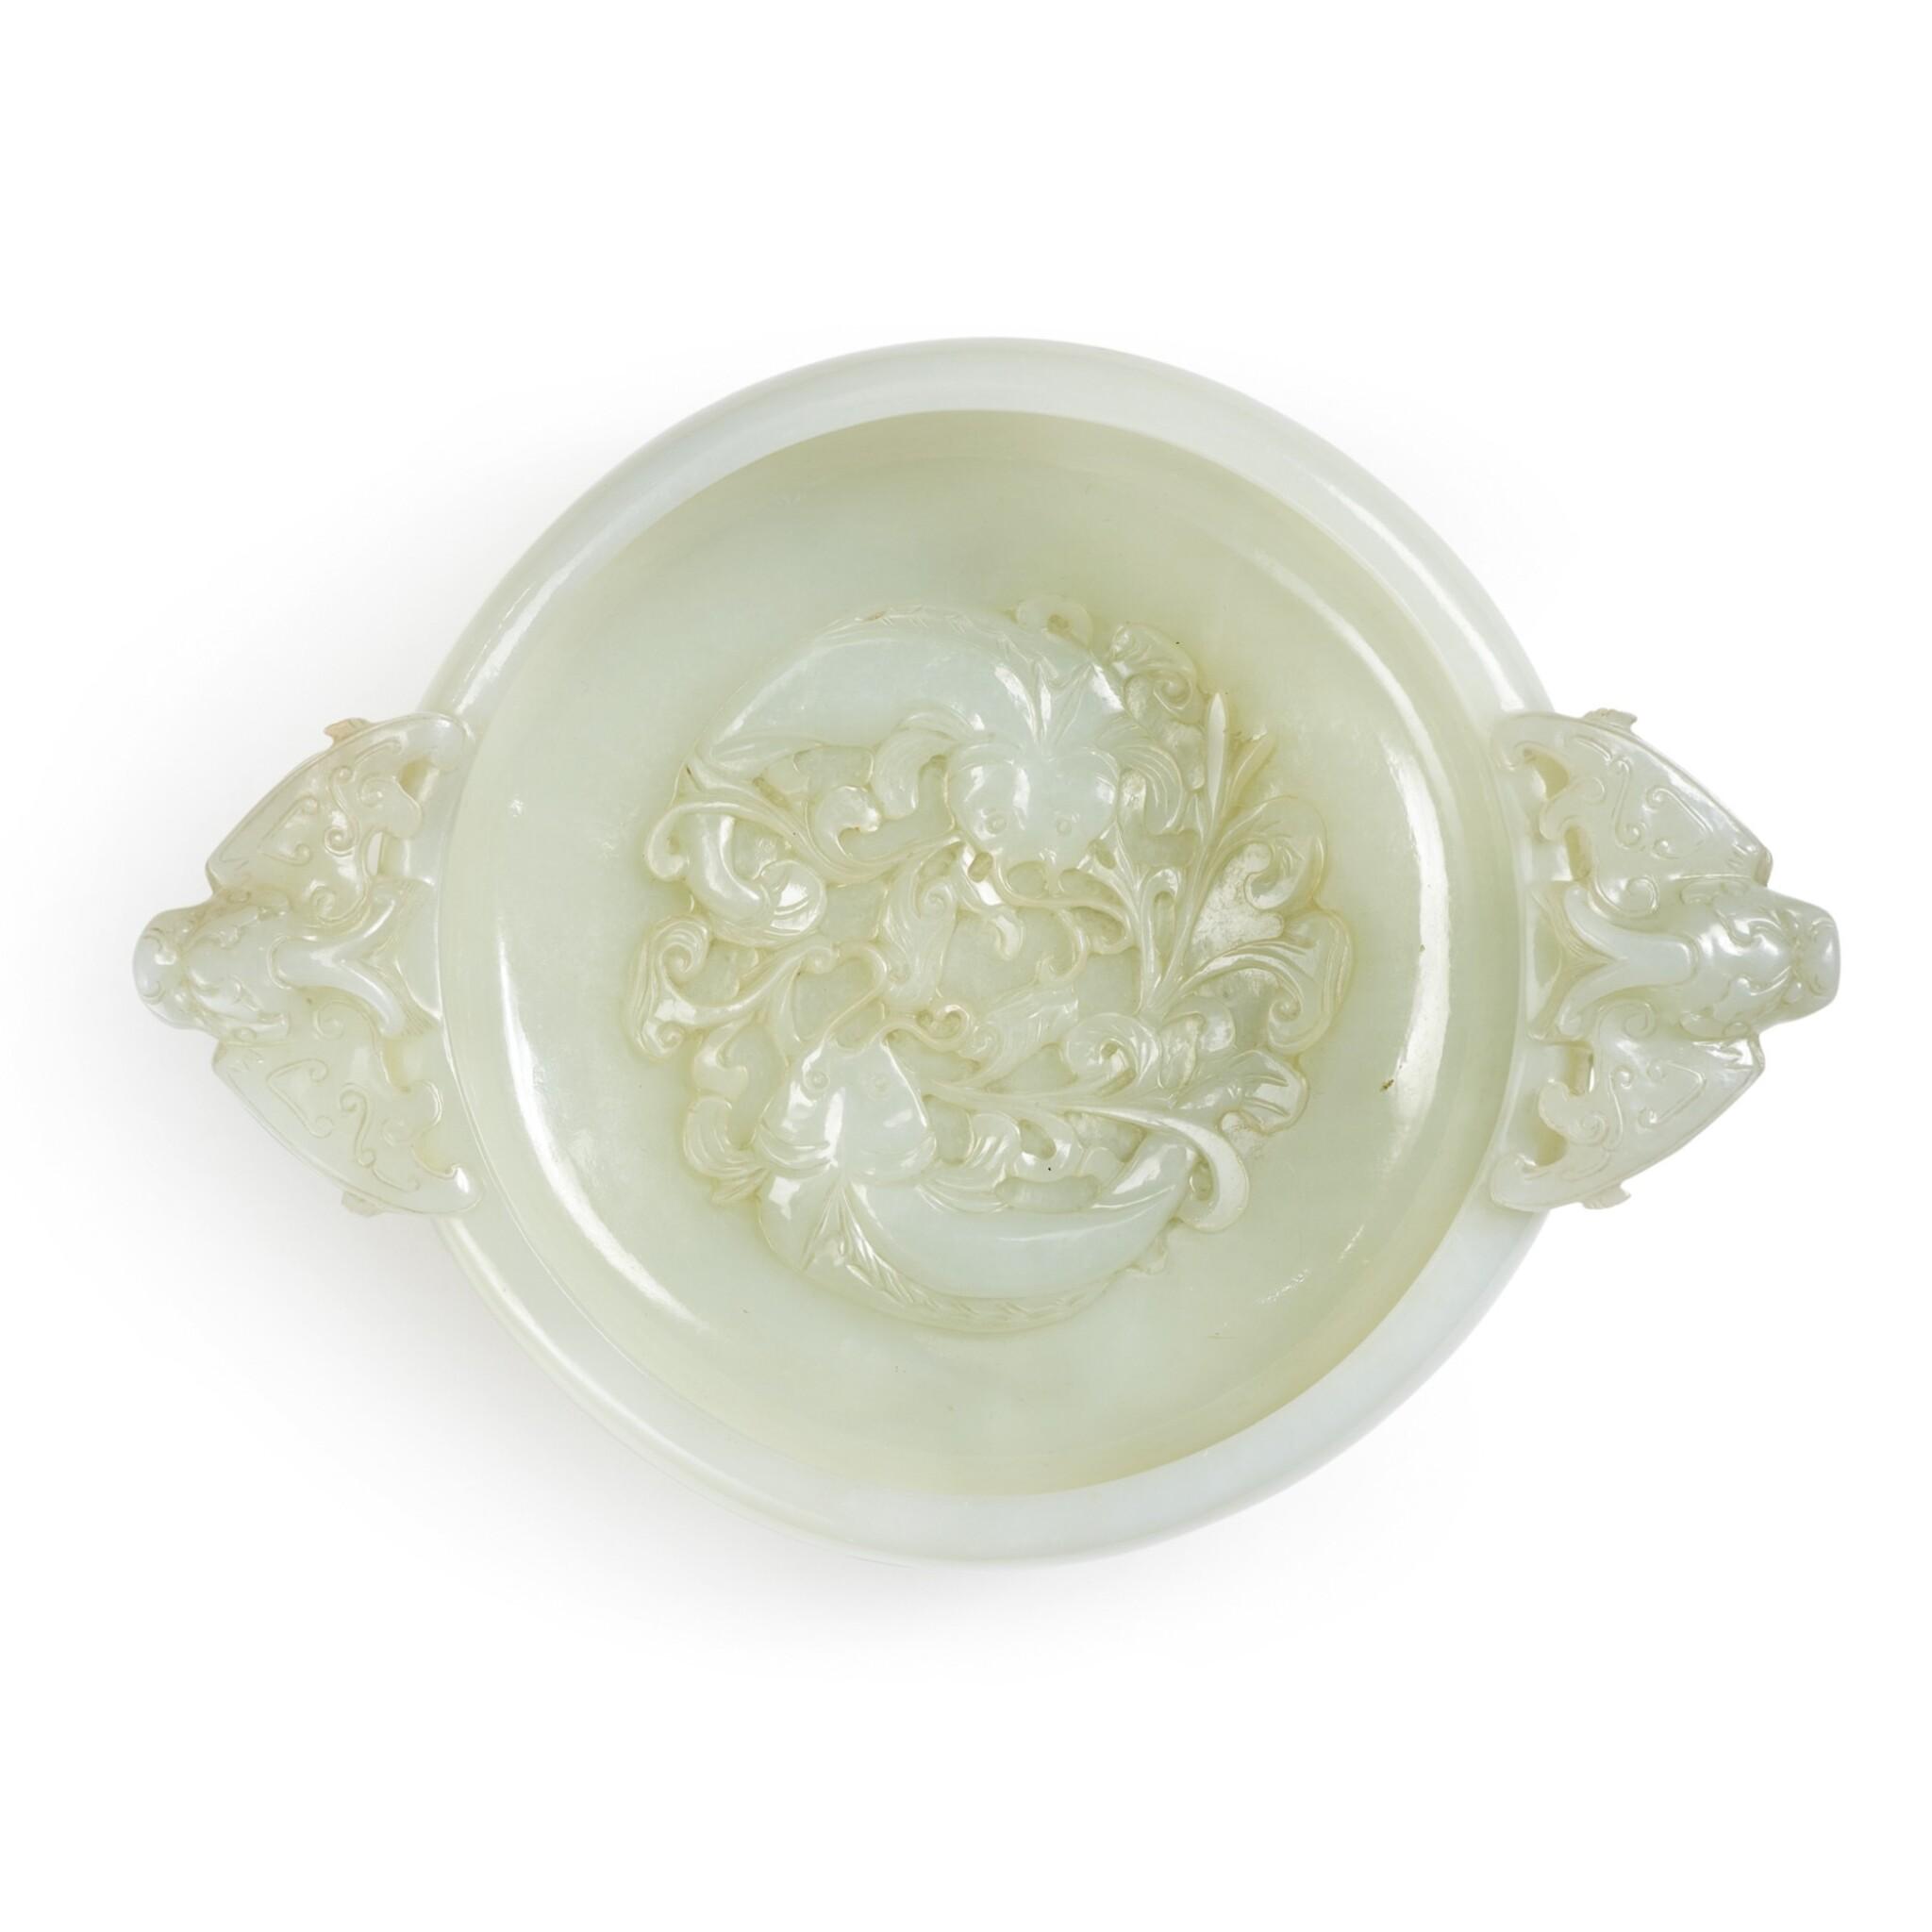 View full screen - View 1 of Lot 7. A white jade marriage bowl, Qing dynasty, 18th / 19th century   清十八 / 十九世紀 白玉雕年年有餘紋龍耳活環洗.